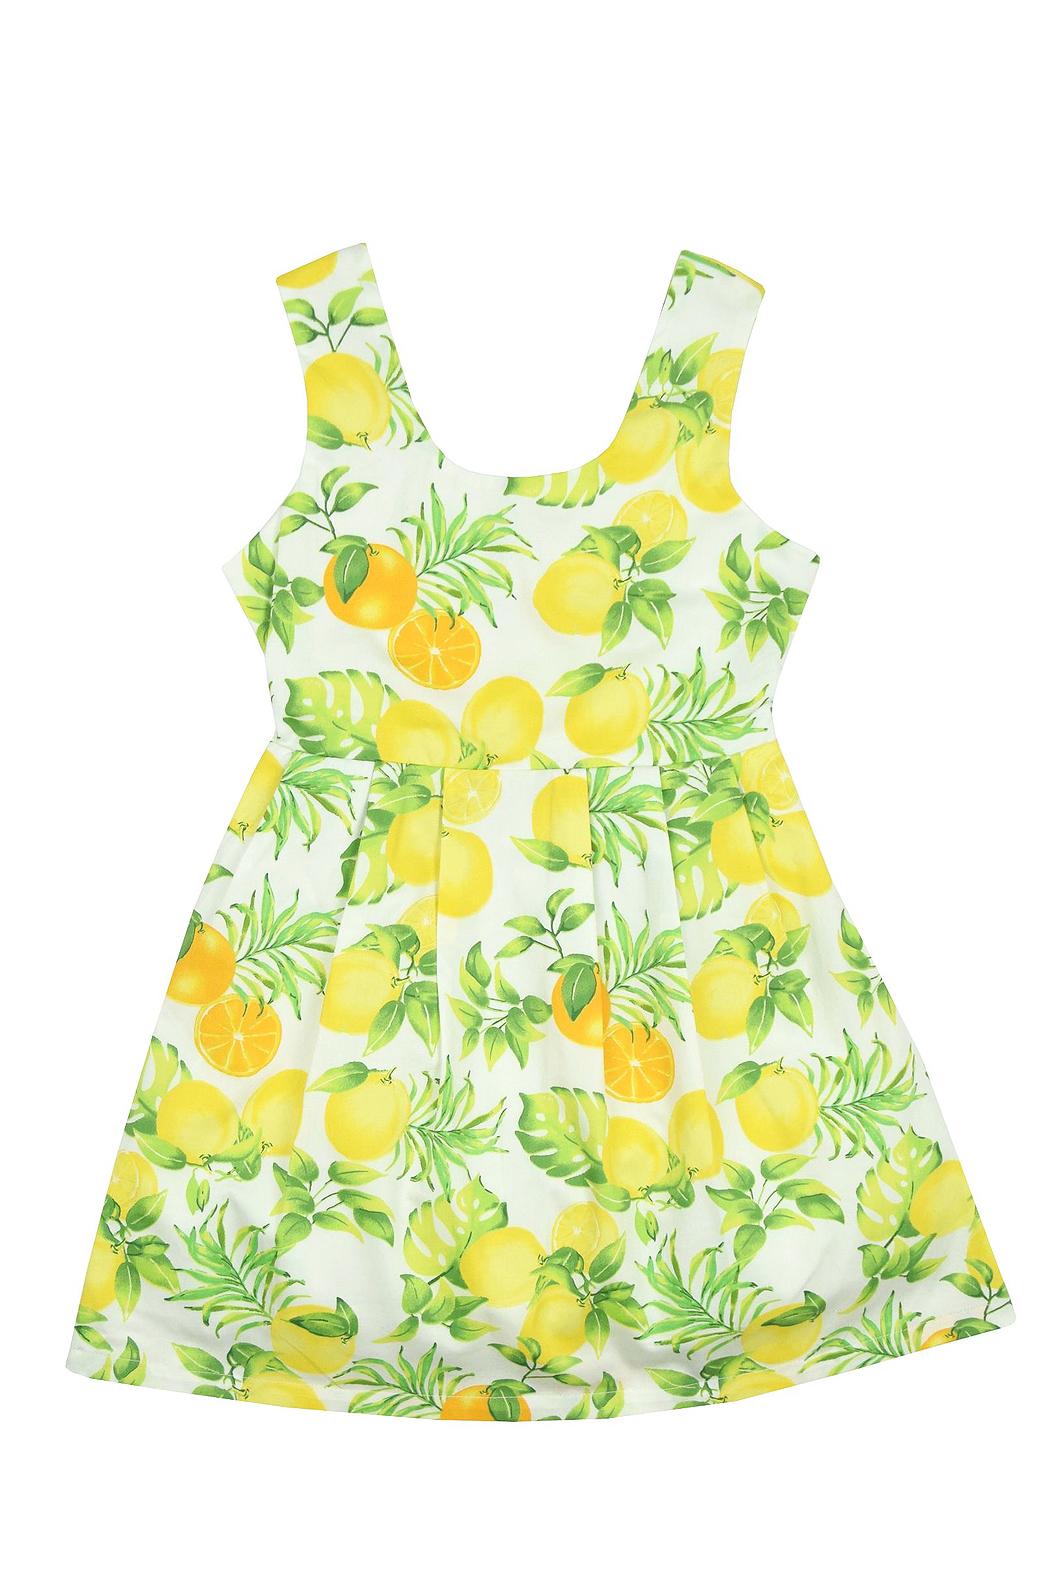 yellow lemon print flower girl dress